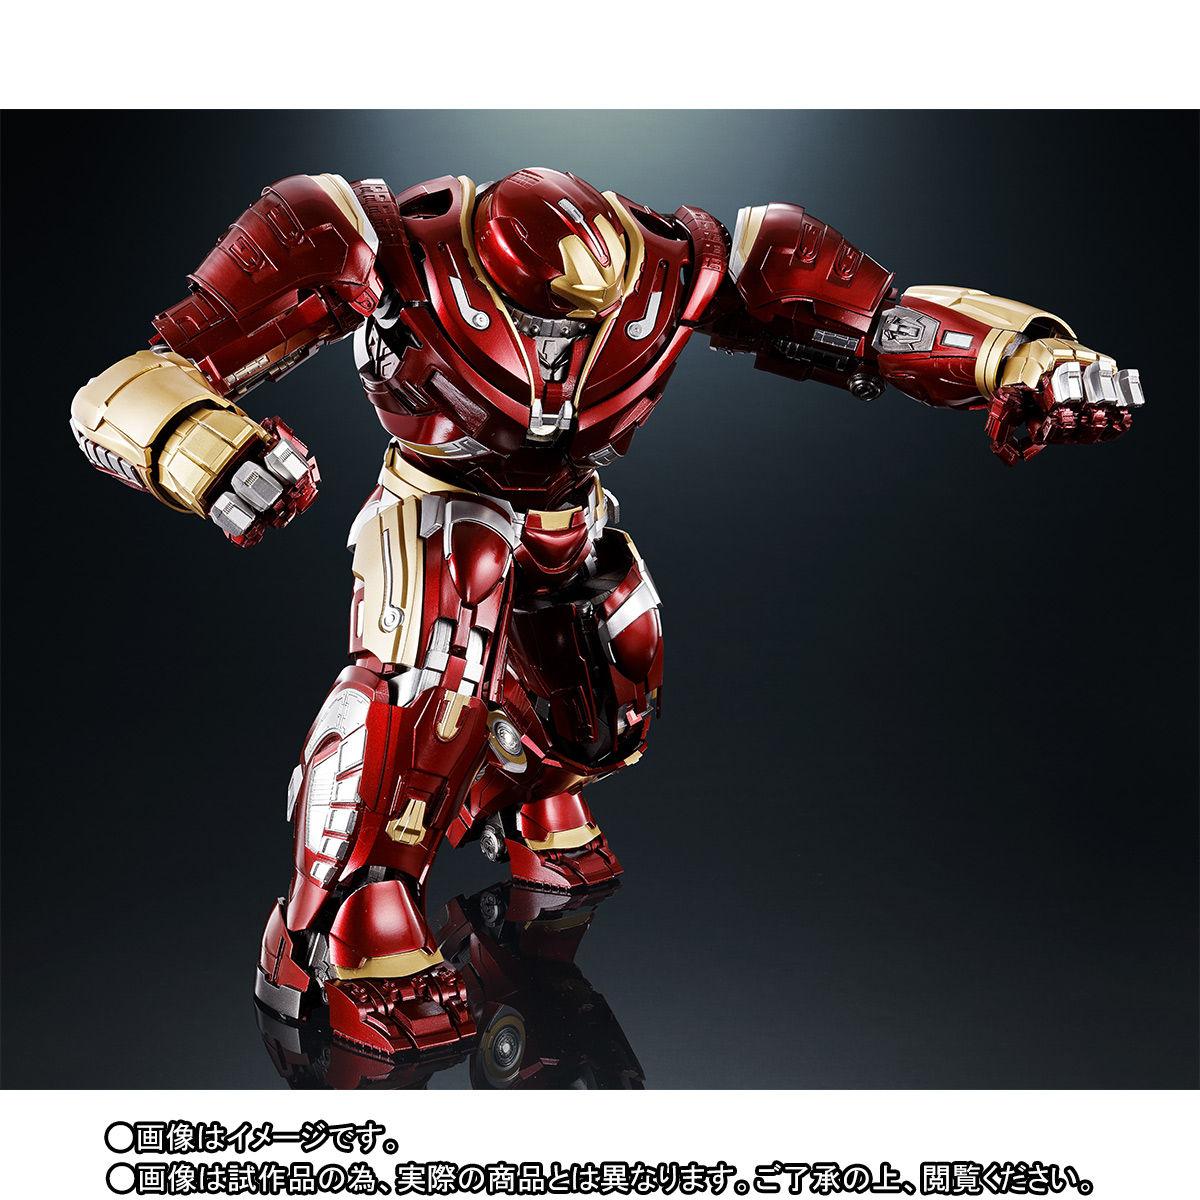 超合金×S.H.Figuarts『ハルクバスター マーク2 アベンジャーズ/インフィニティ・ウォー』可動フィギュア-003